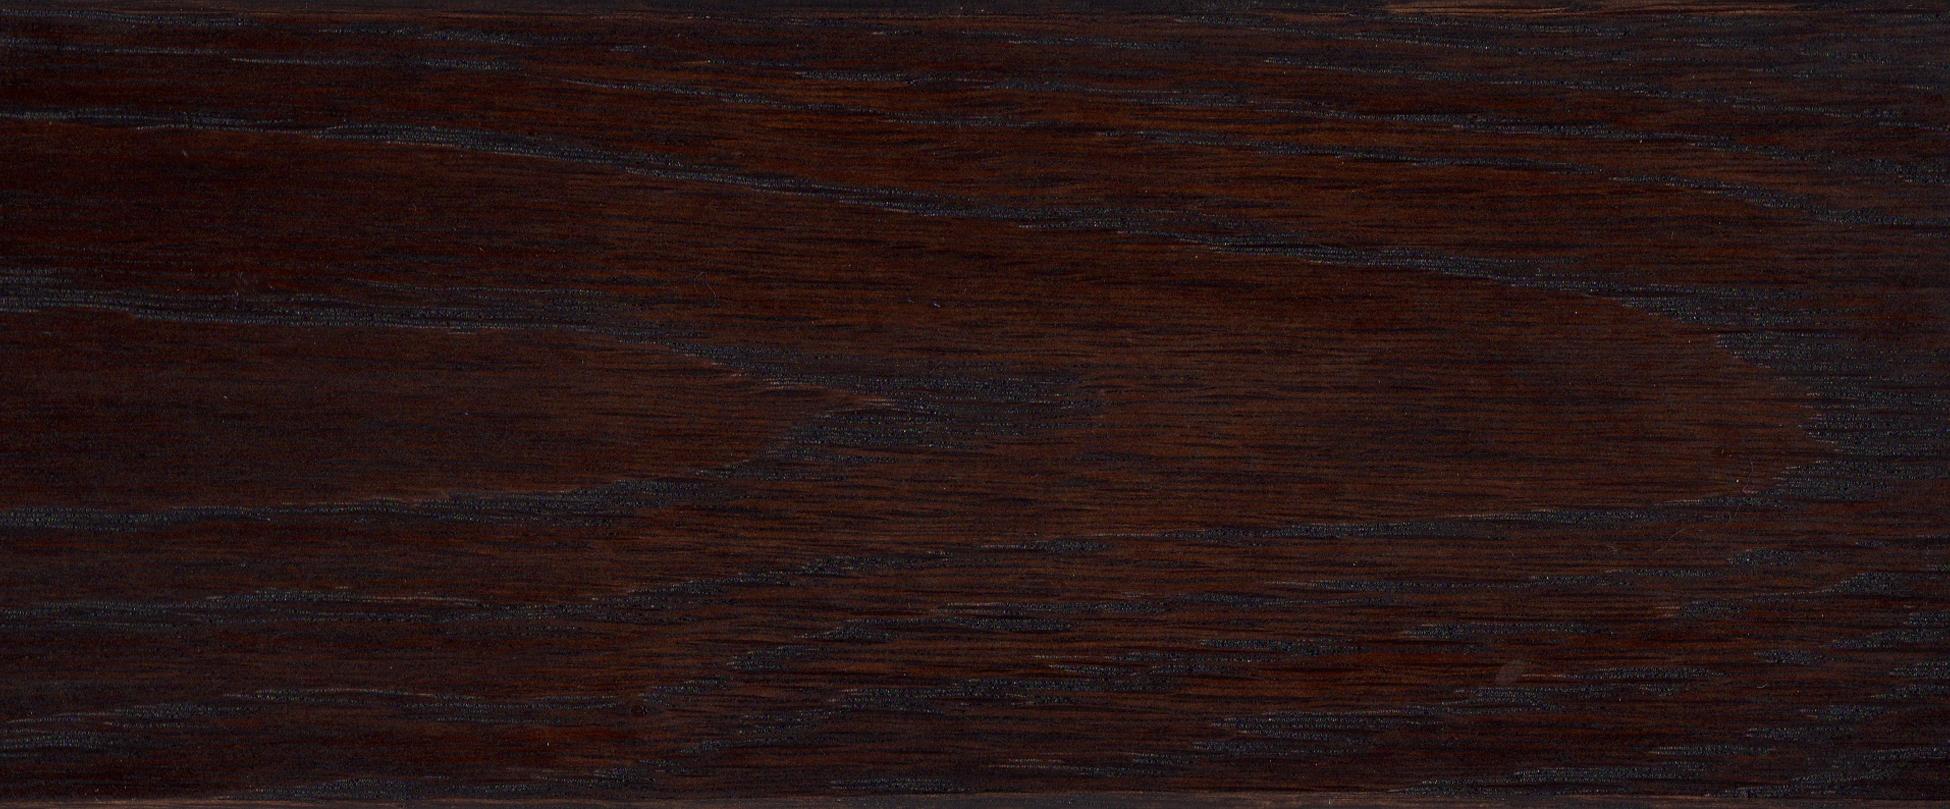 white oak - dark brown